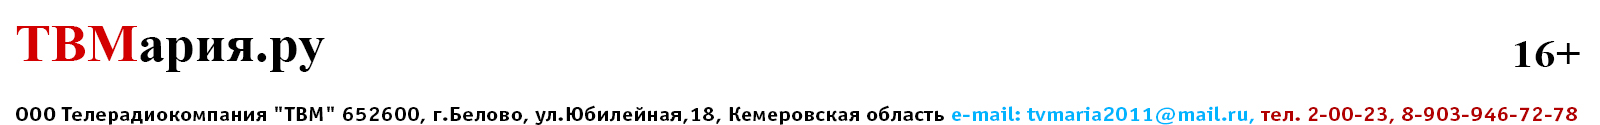 ТВМария.ру   18+